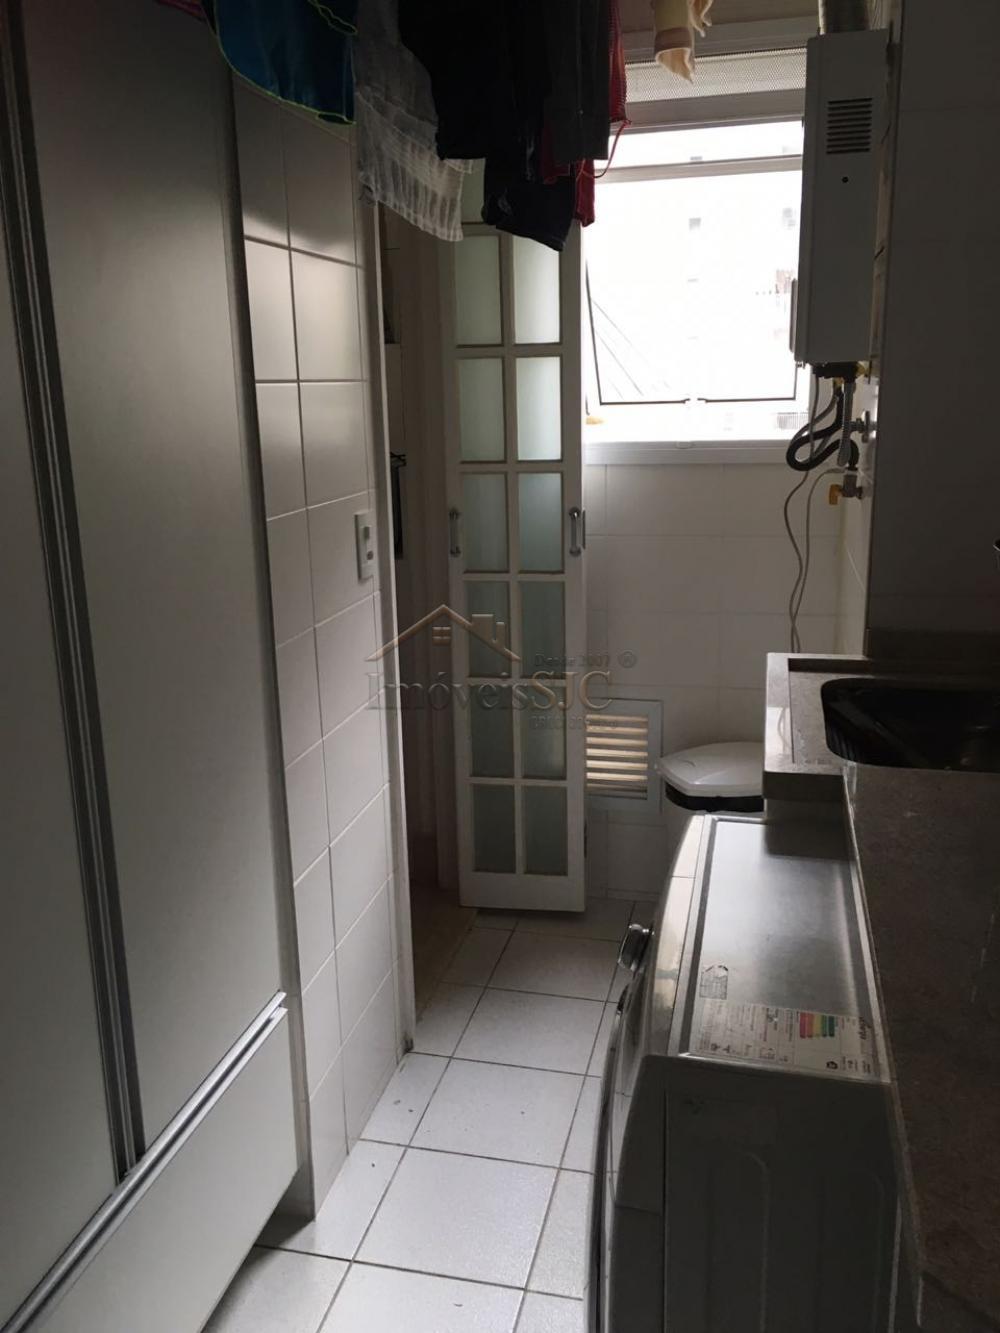 Comprar Apartamentos / Padrão em São José dos Campos apenas R$ 765.000,00 - Foto 24